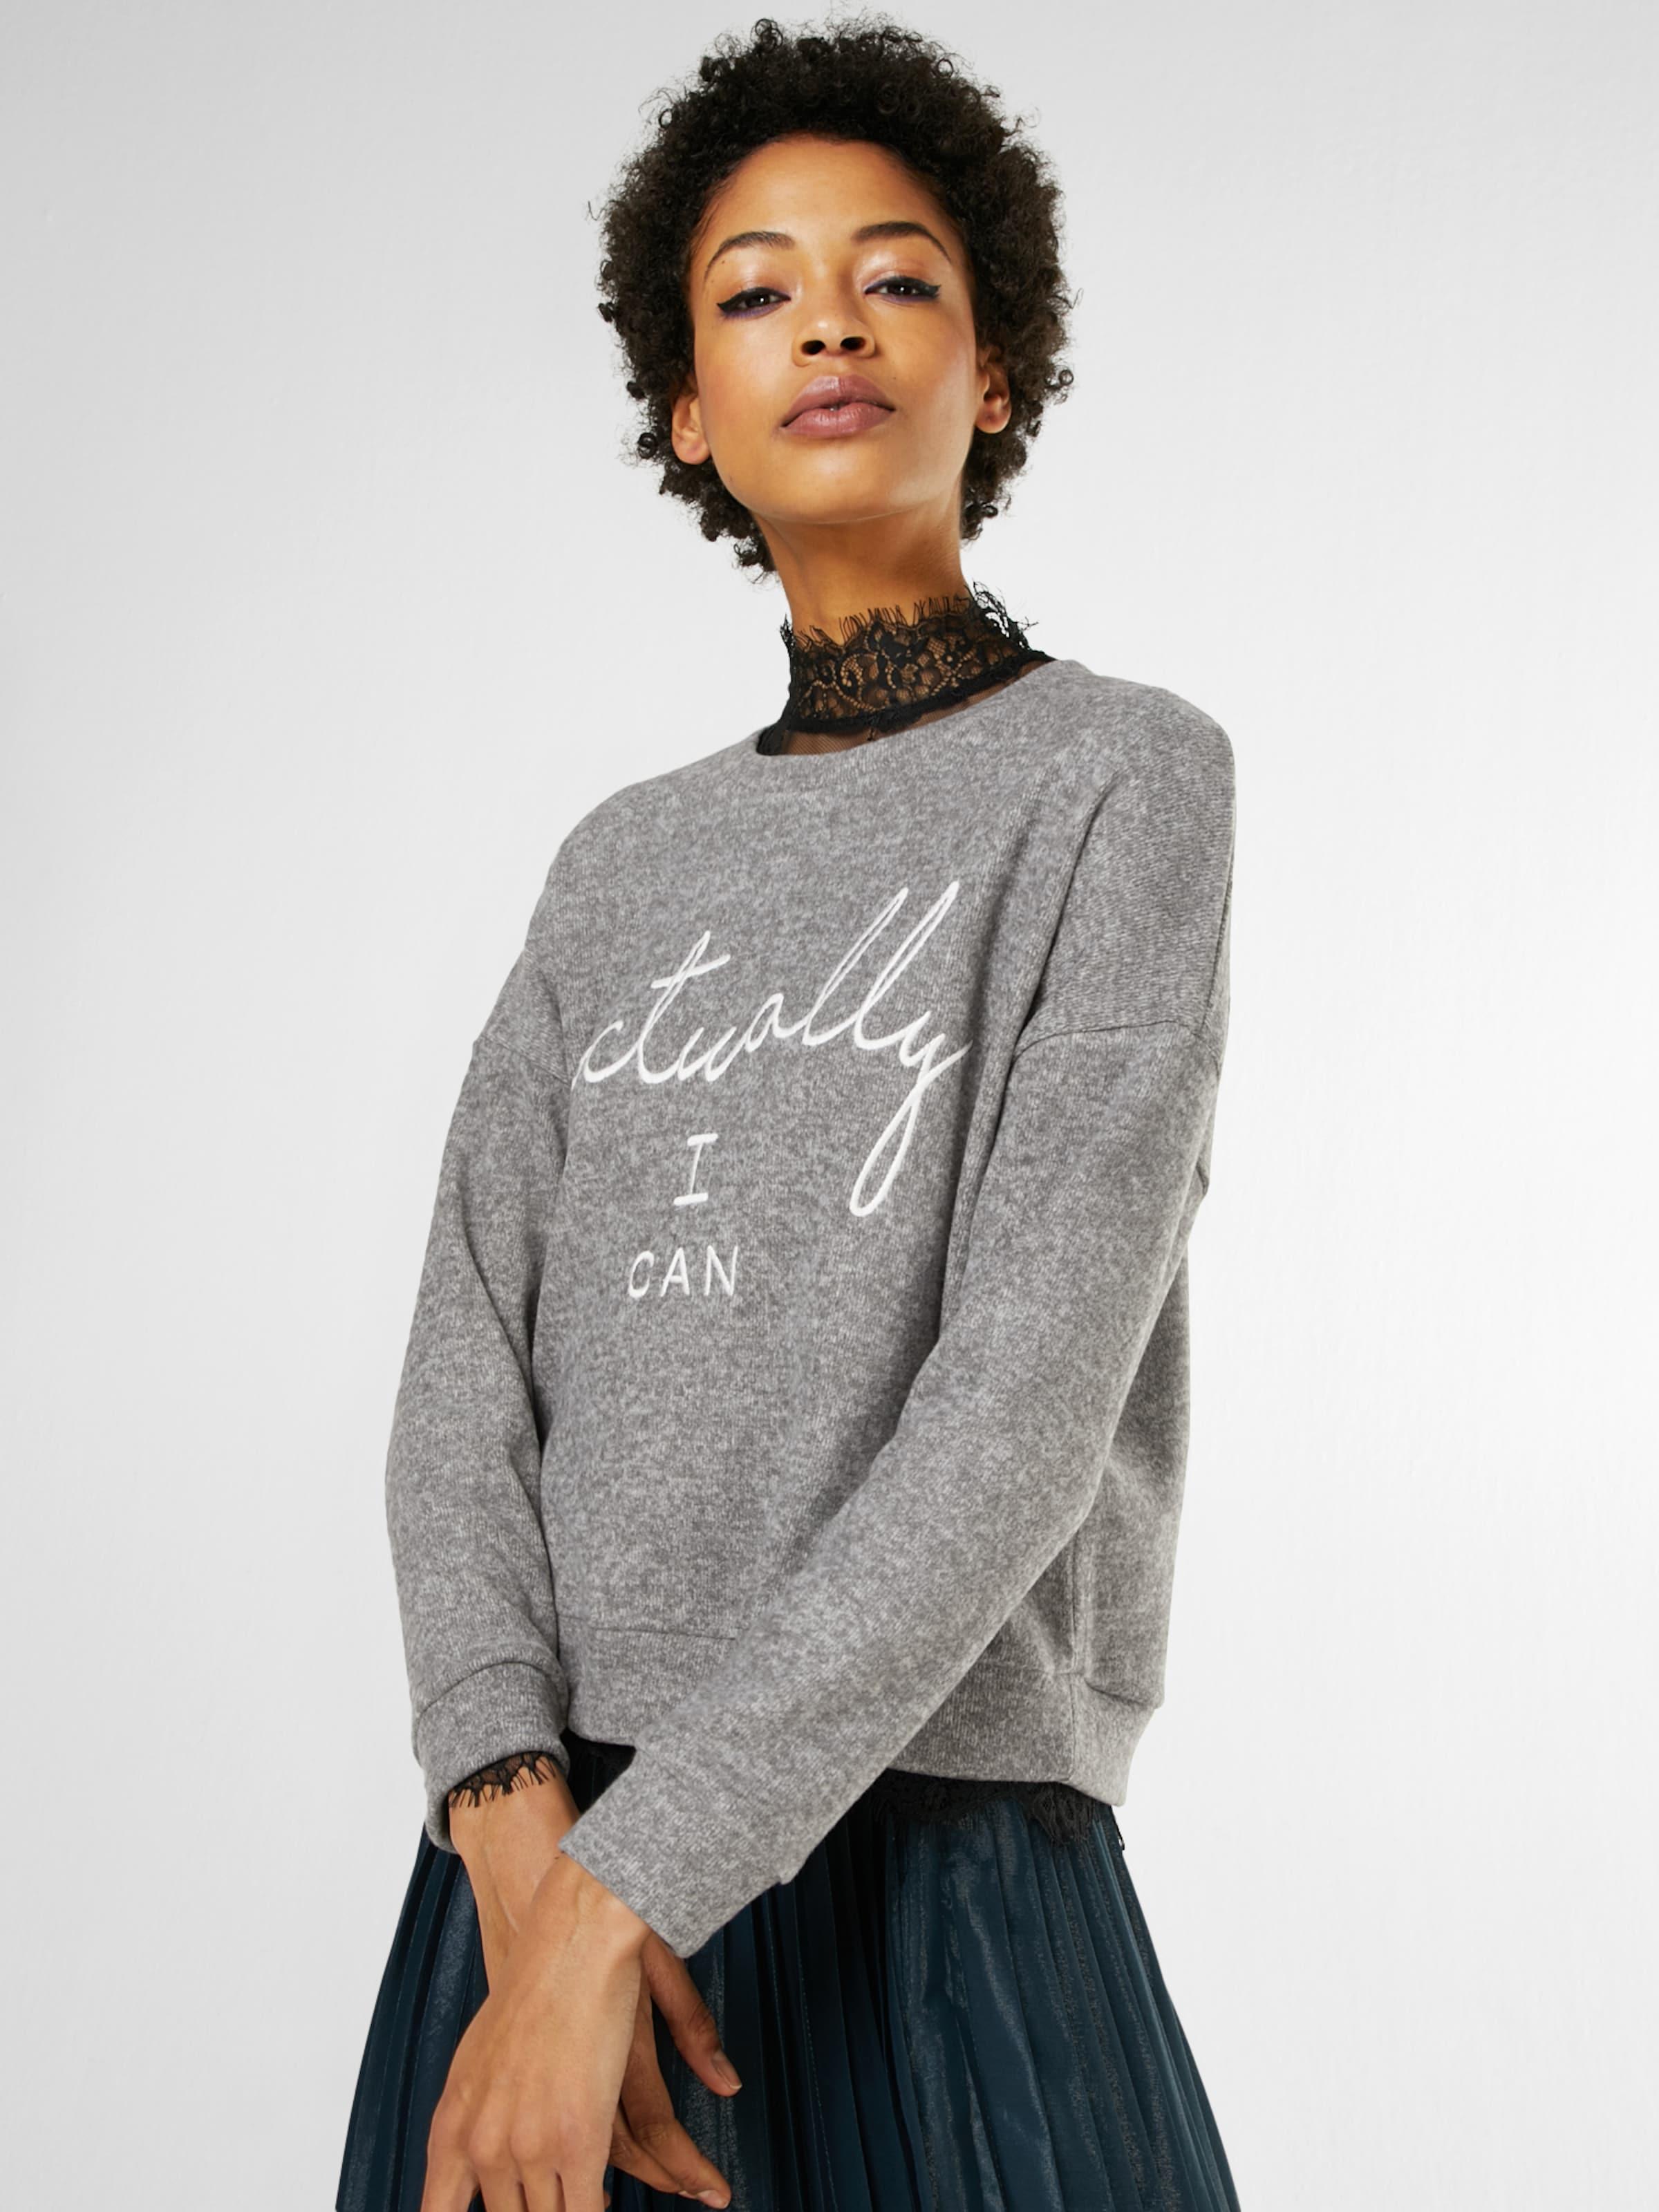 NEW LOOK Sweater Online-Shopping-Freies Verschiffen Besuchen Verkauf Online Billig Kaufen Dg2PnPAG